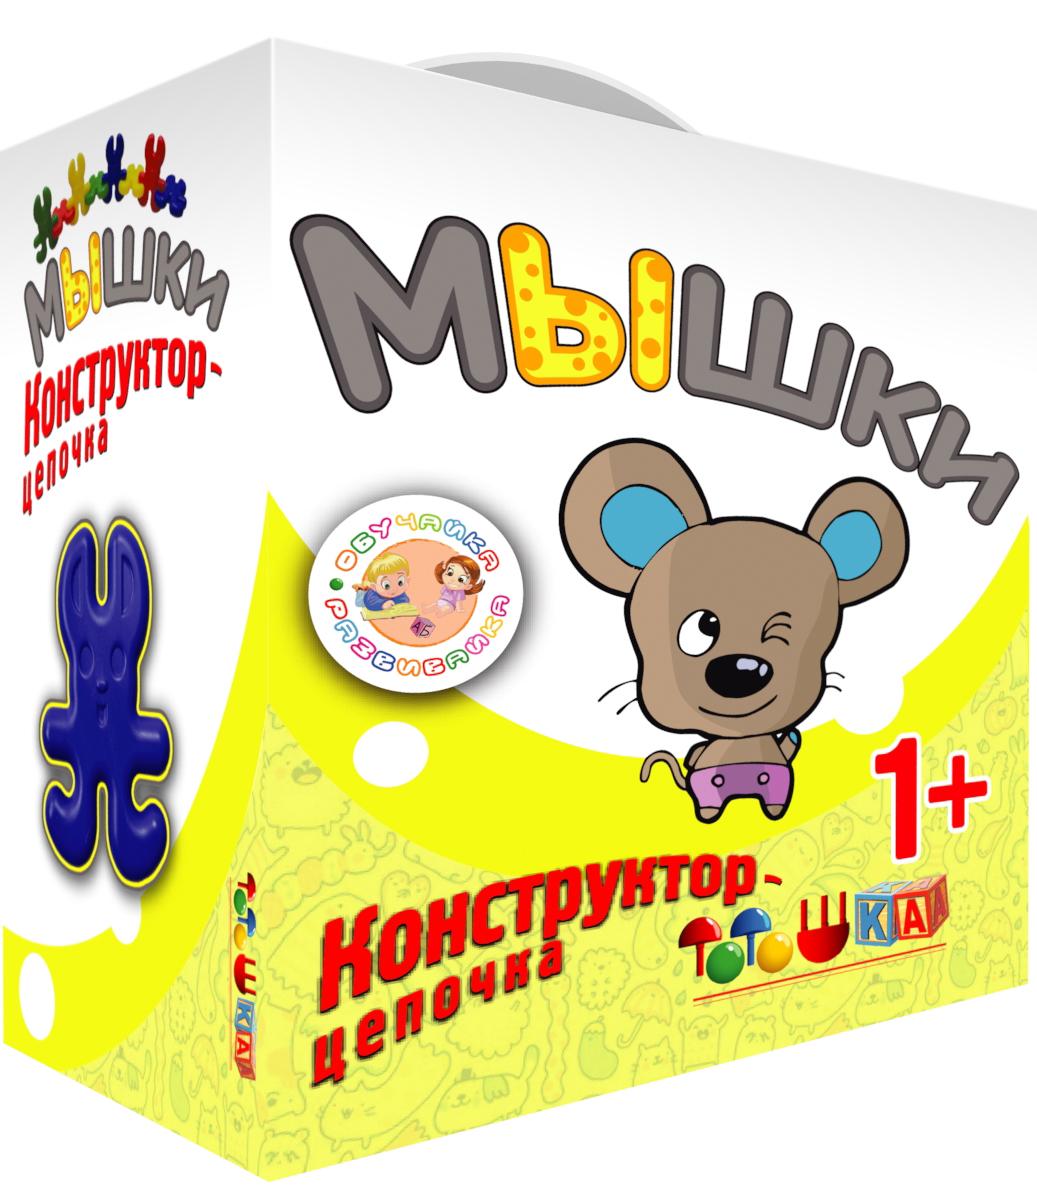 Тотошка Пластиковый конструктор-цепочка Мышкитт00-064